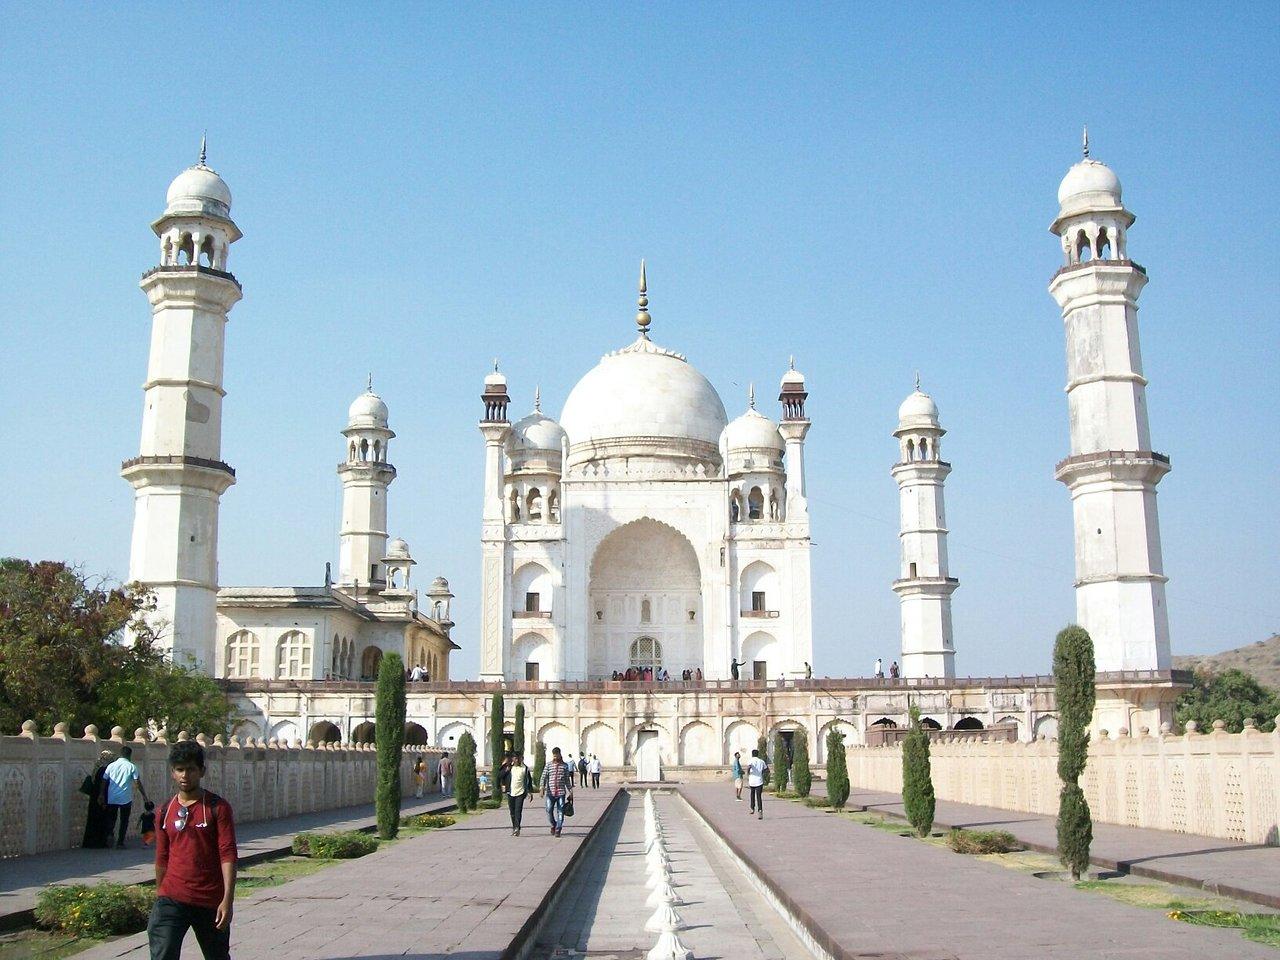 Bibi ka Maqbara, Aurangabad – Half-Sized Taj Mahal Replica